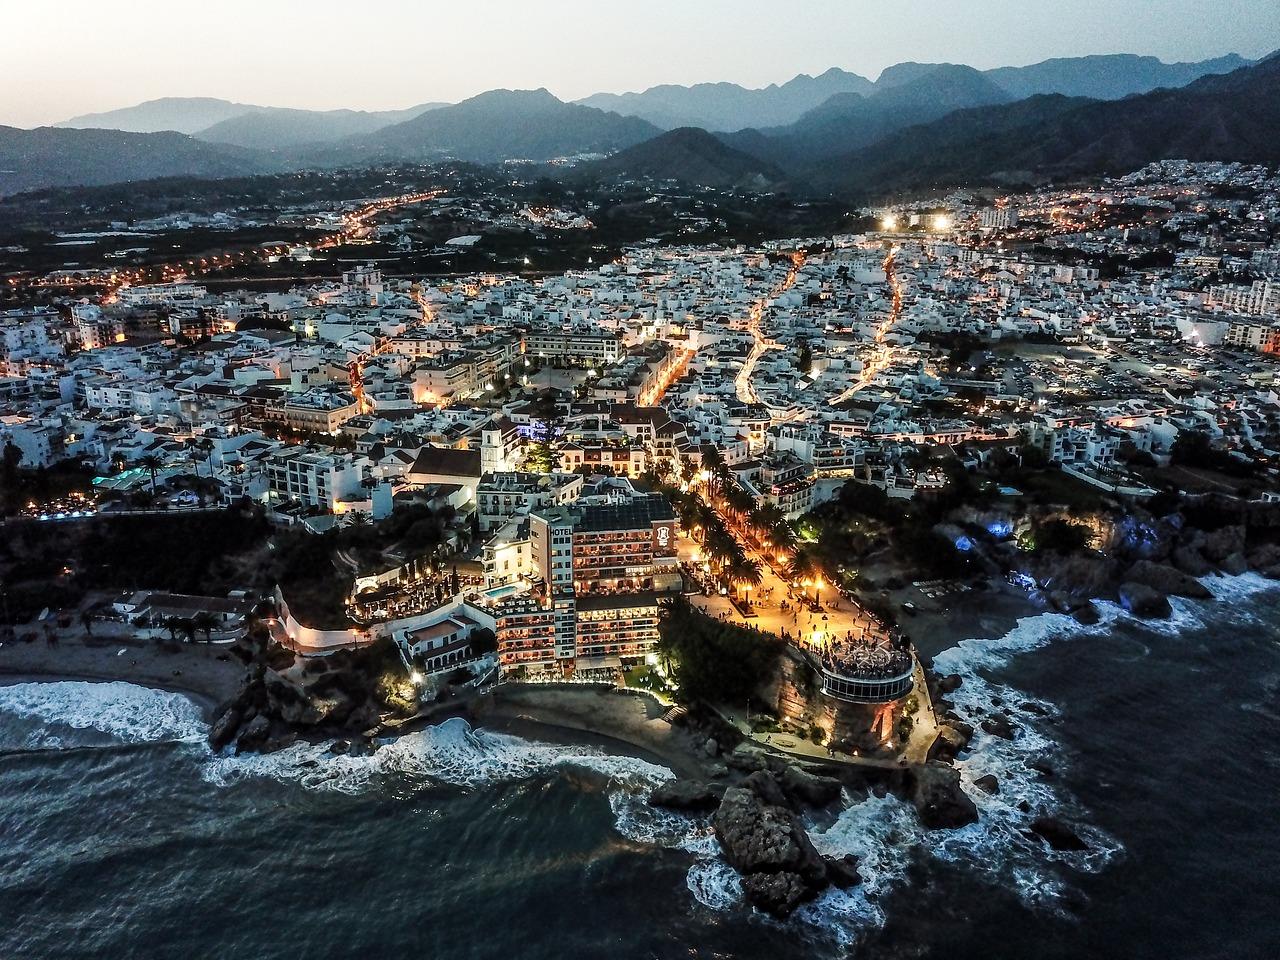 La red de Destinos Turísticos Inteligentes crece hasta los 347 miembros, tras más de 40 nuevas incorporaciones